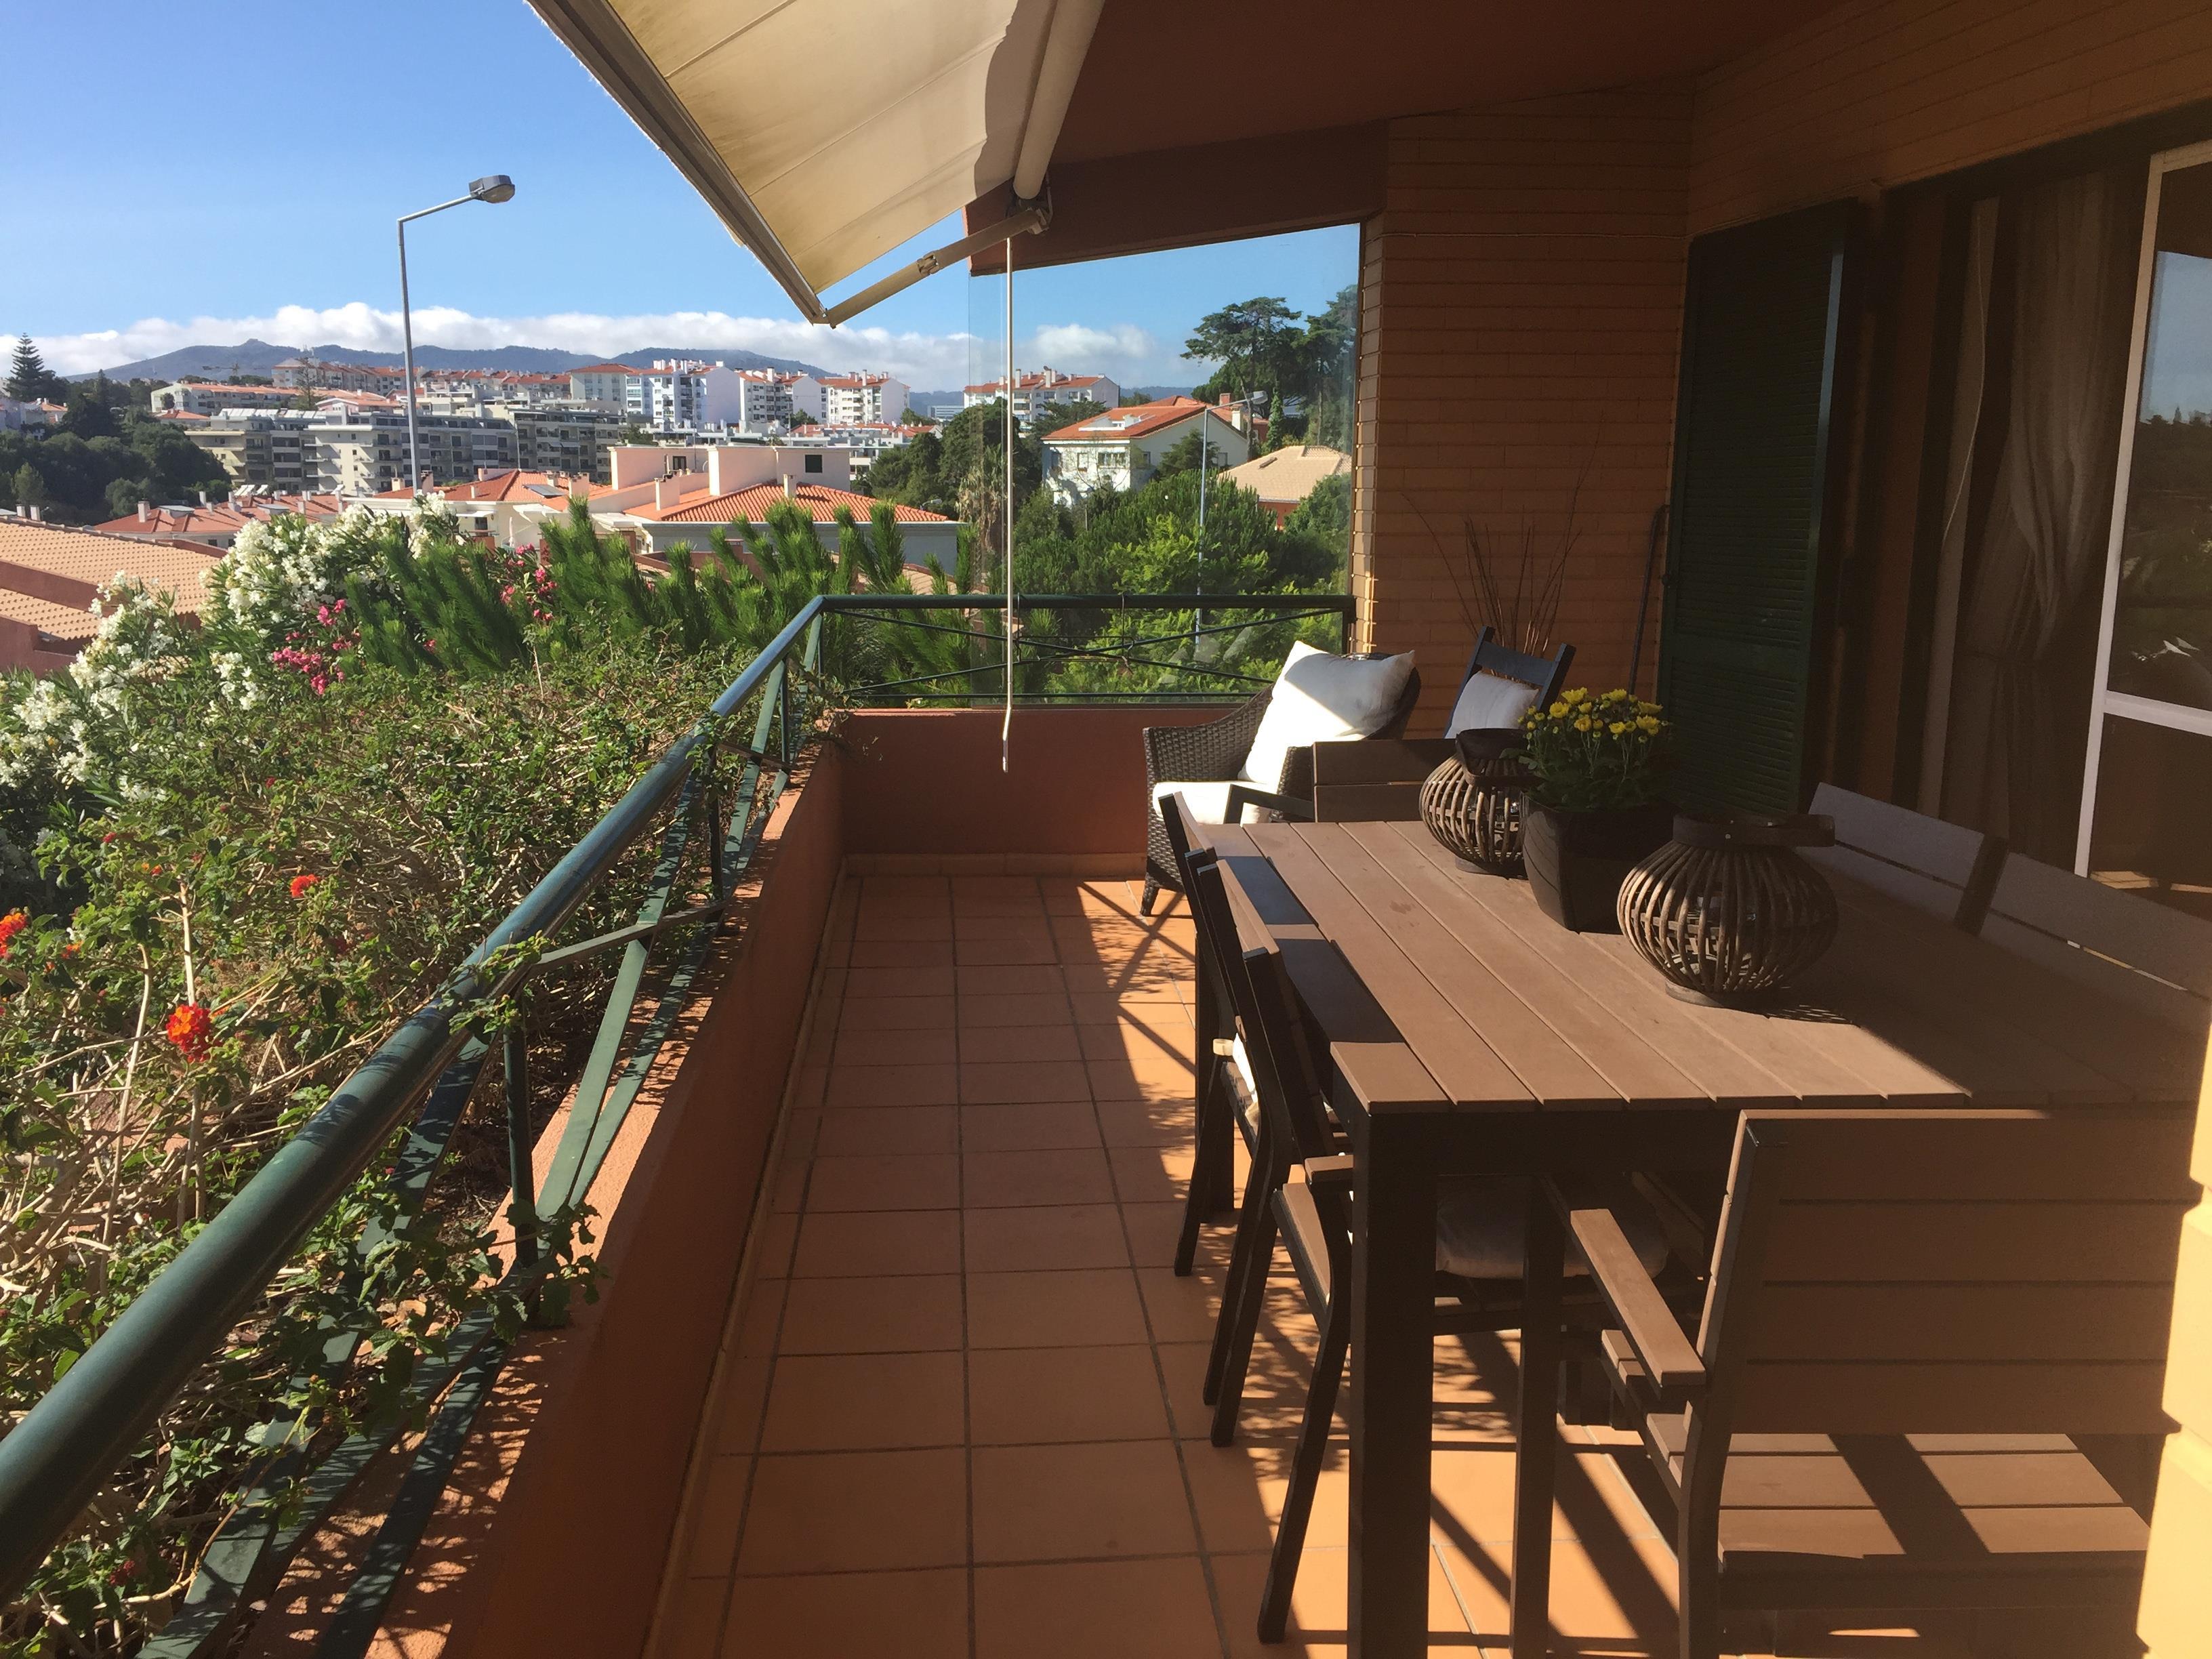 양면 인쇄 용 매매 에 Duplex, 3 bedrooms, for Sale Cascais, 리스보아, 2765-391 포르투갈